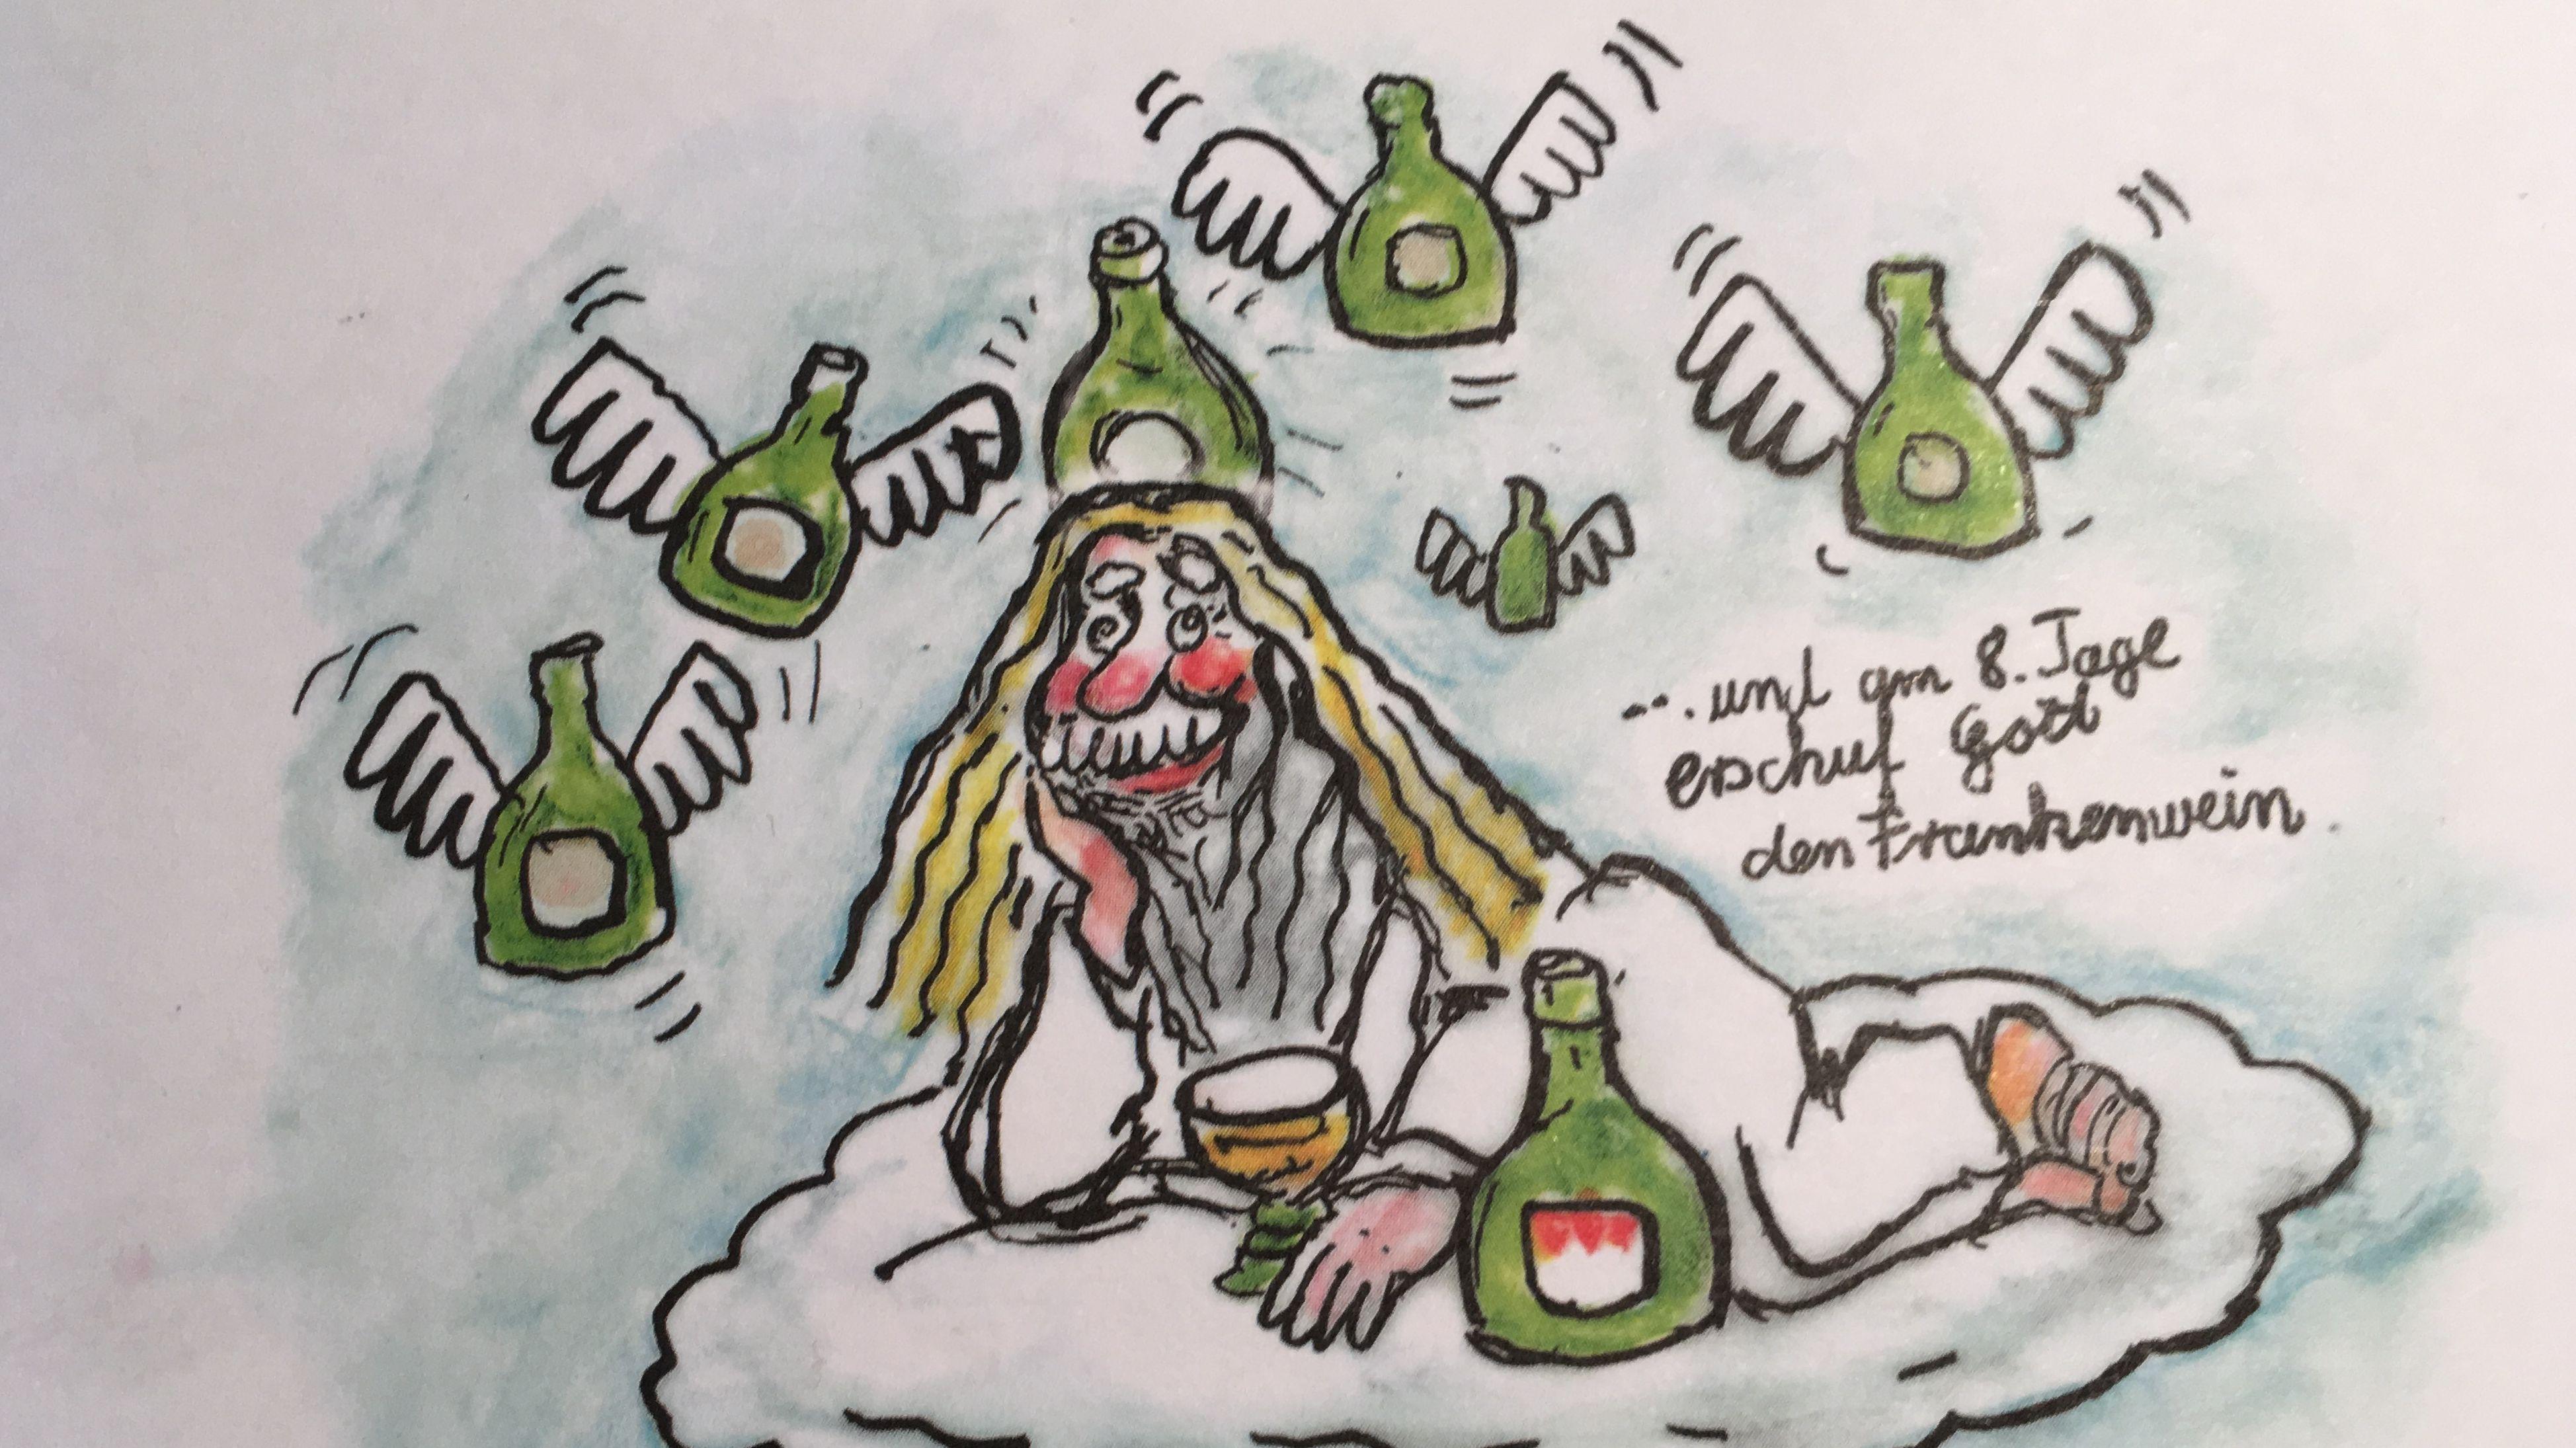 Eine Karikatur von Carlo Dernbach zeigt Gott auf einer Wolke, umgeben von Weinflaschen.